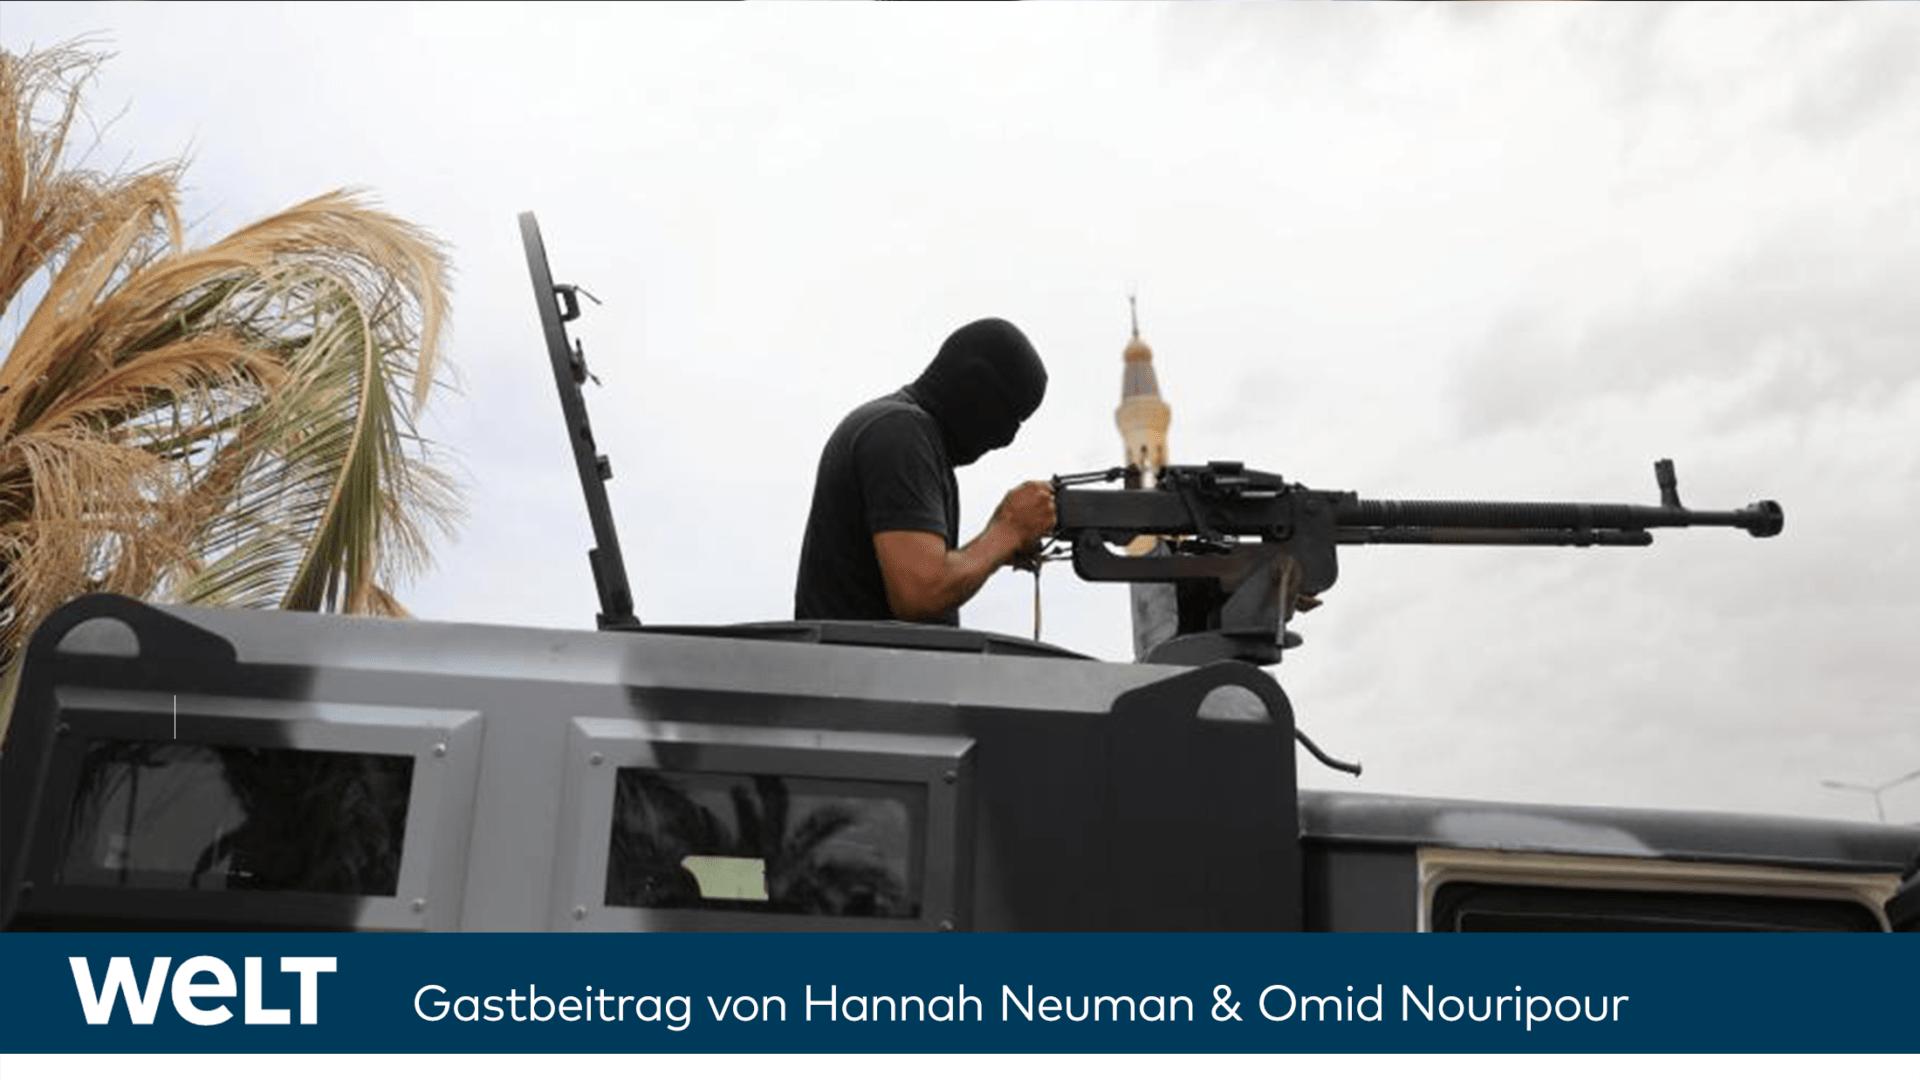 Weil Europa streitet, regiert in Libyen weiter die Gewalt - Mein Gastbeitrag in der WELT